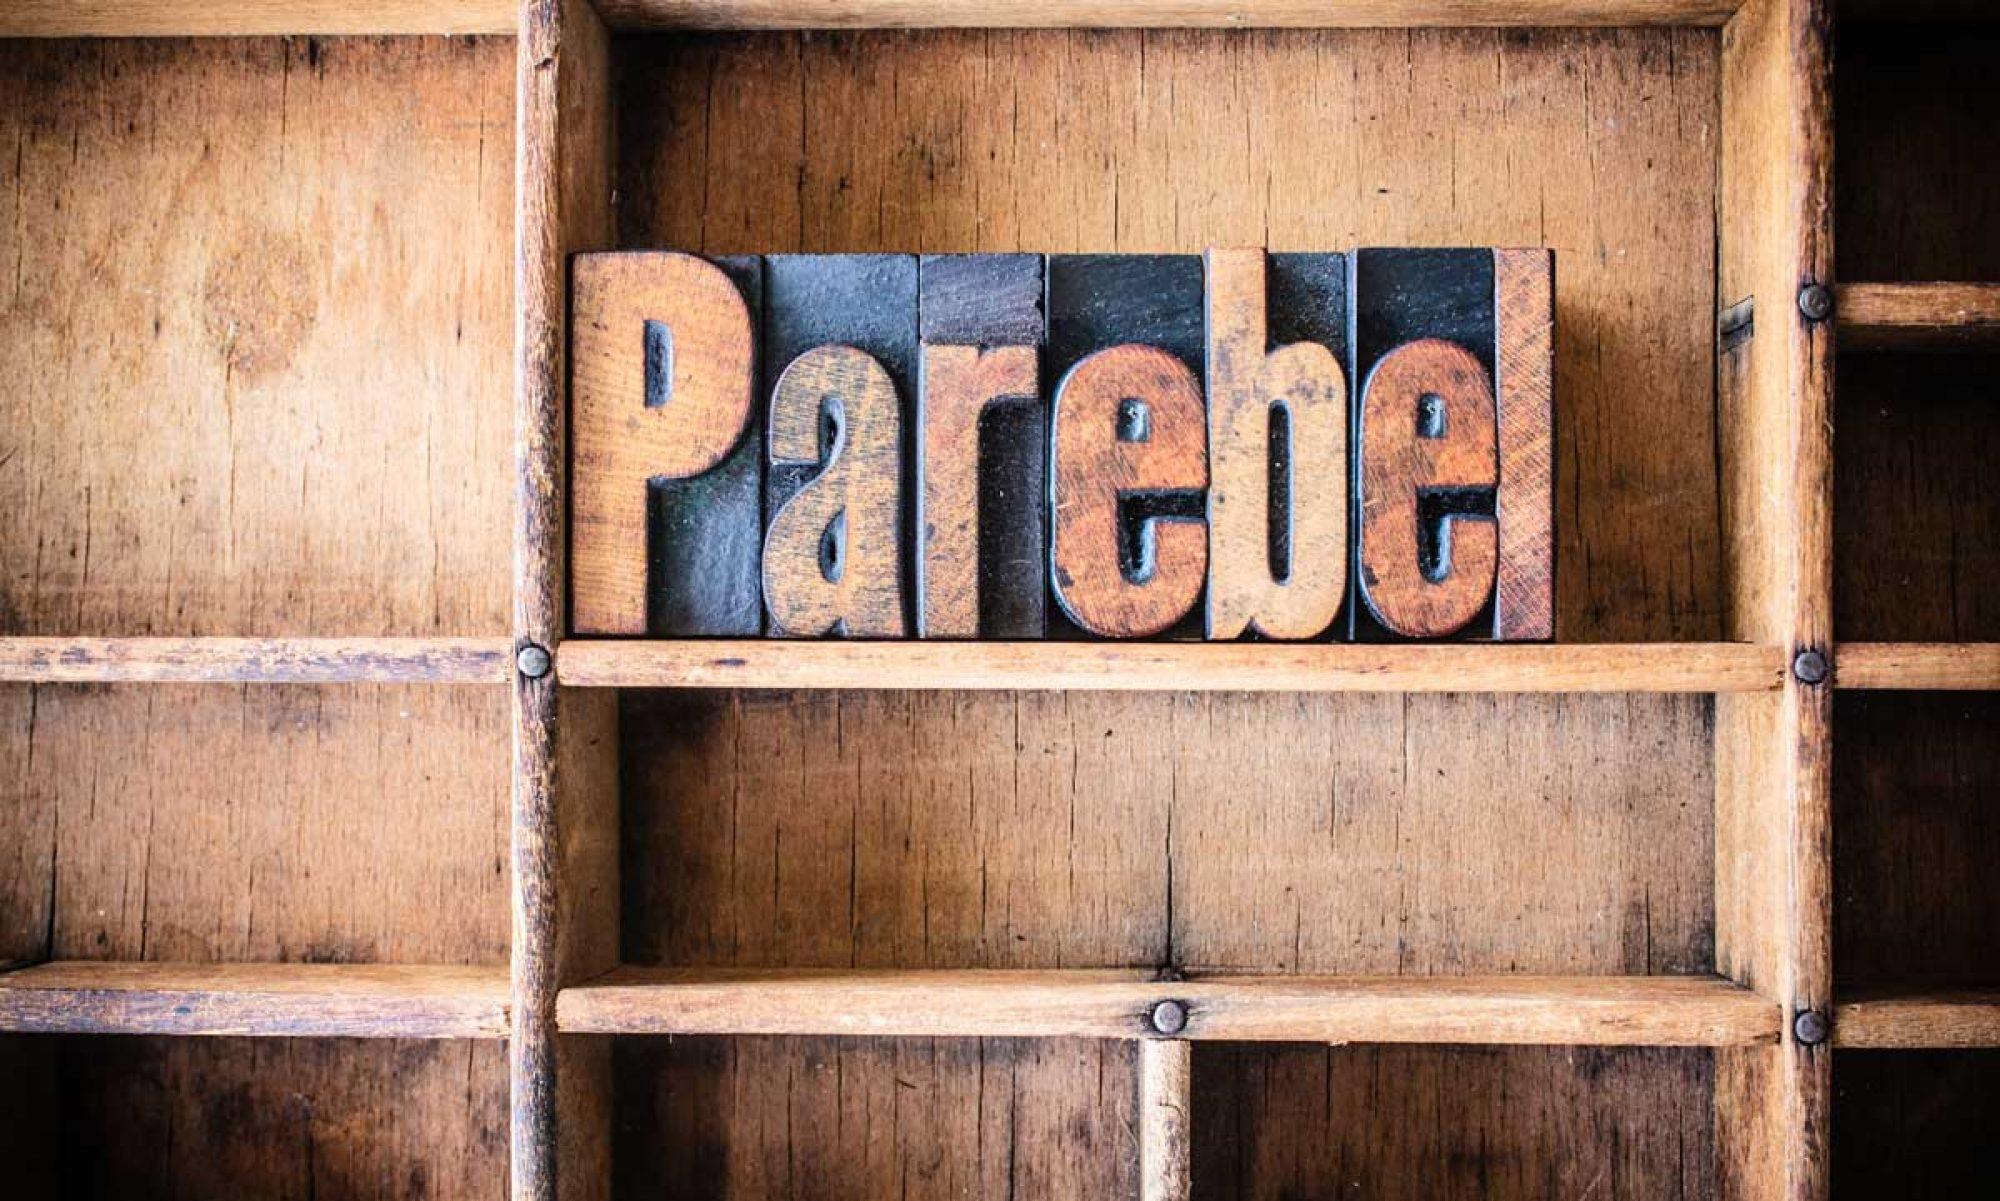 Parebel